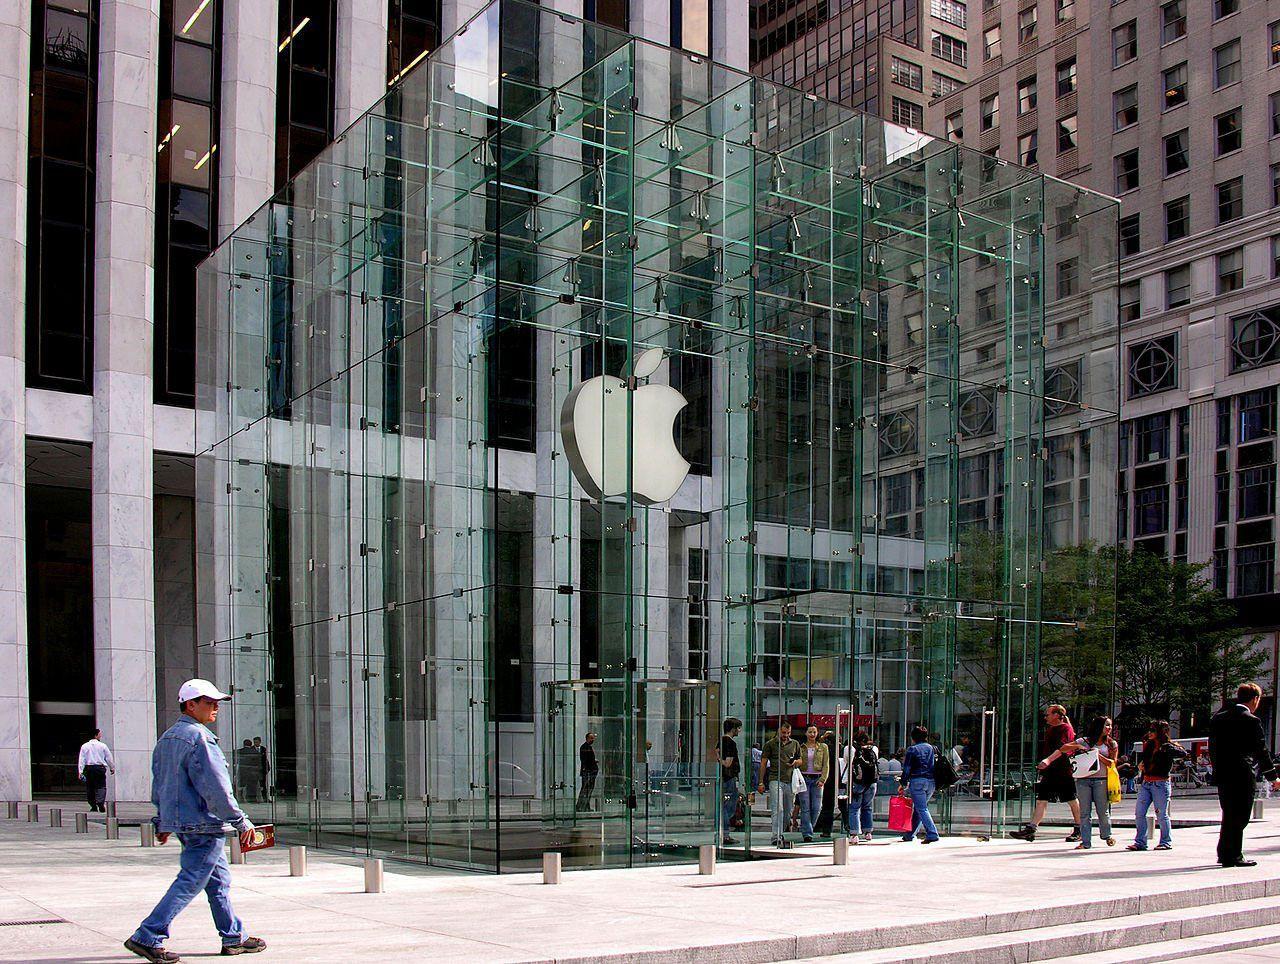 Apple'da çalışanlar ne kadar maaş alıyor? - Page 2